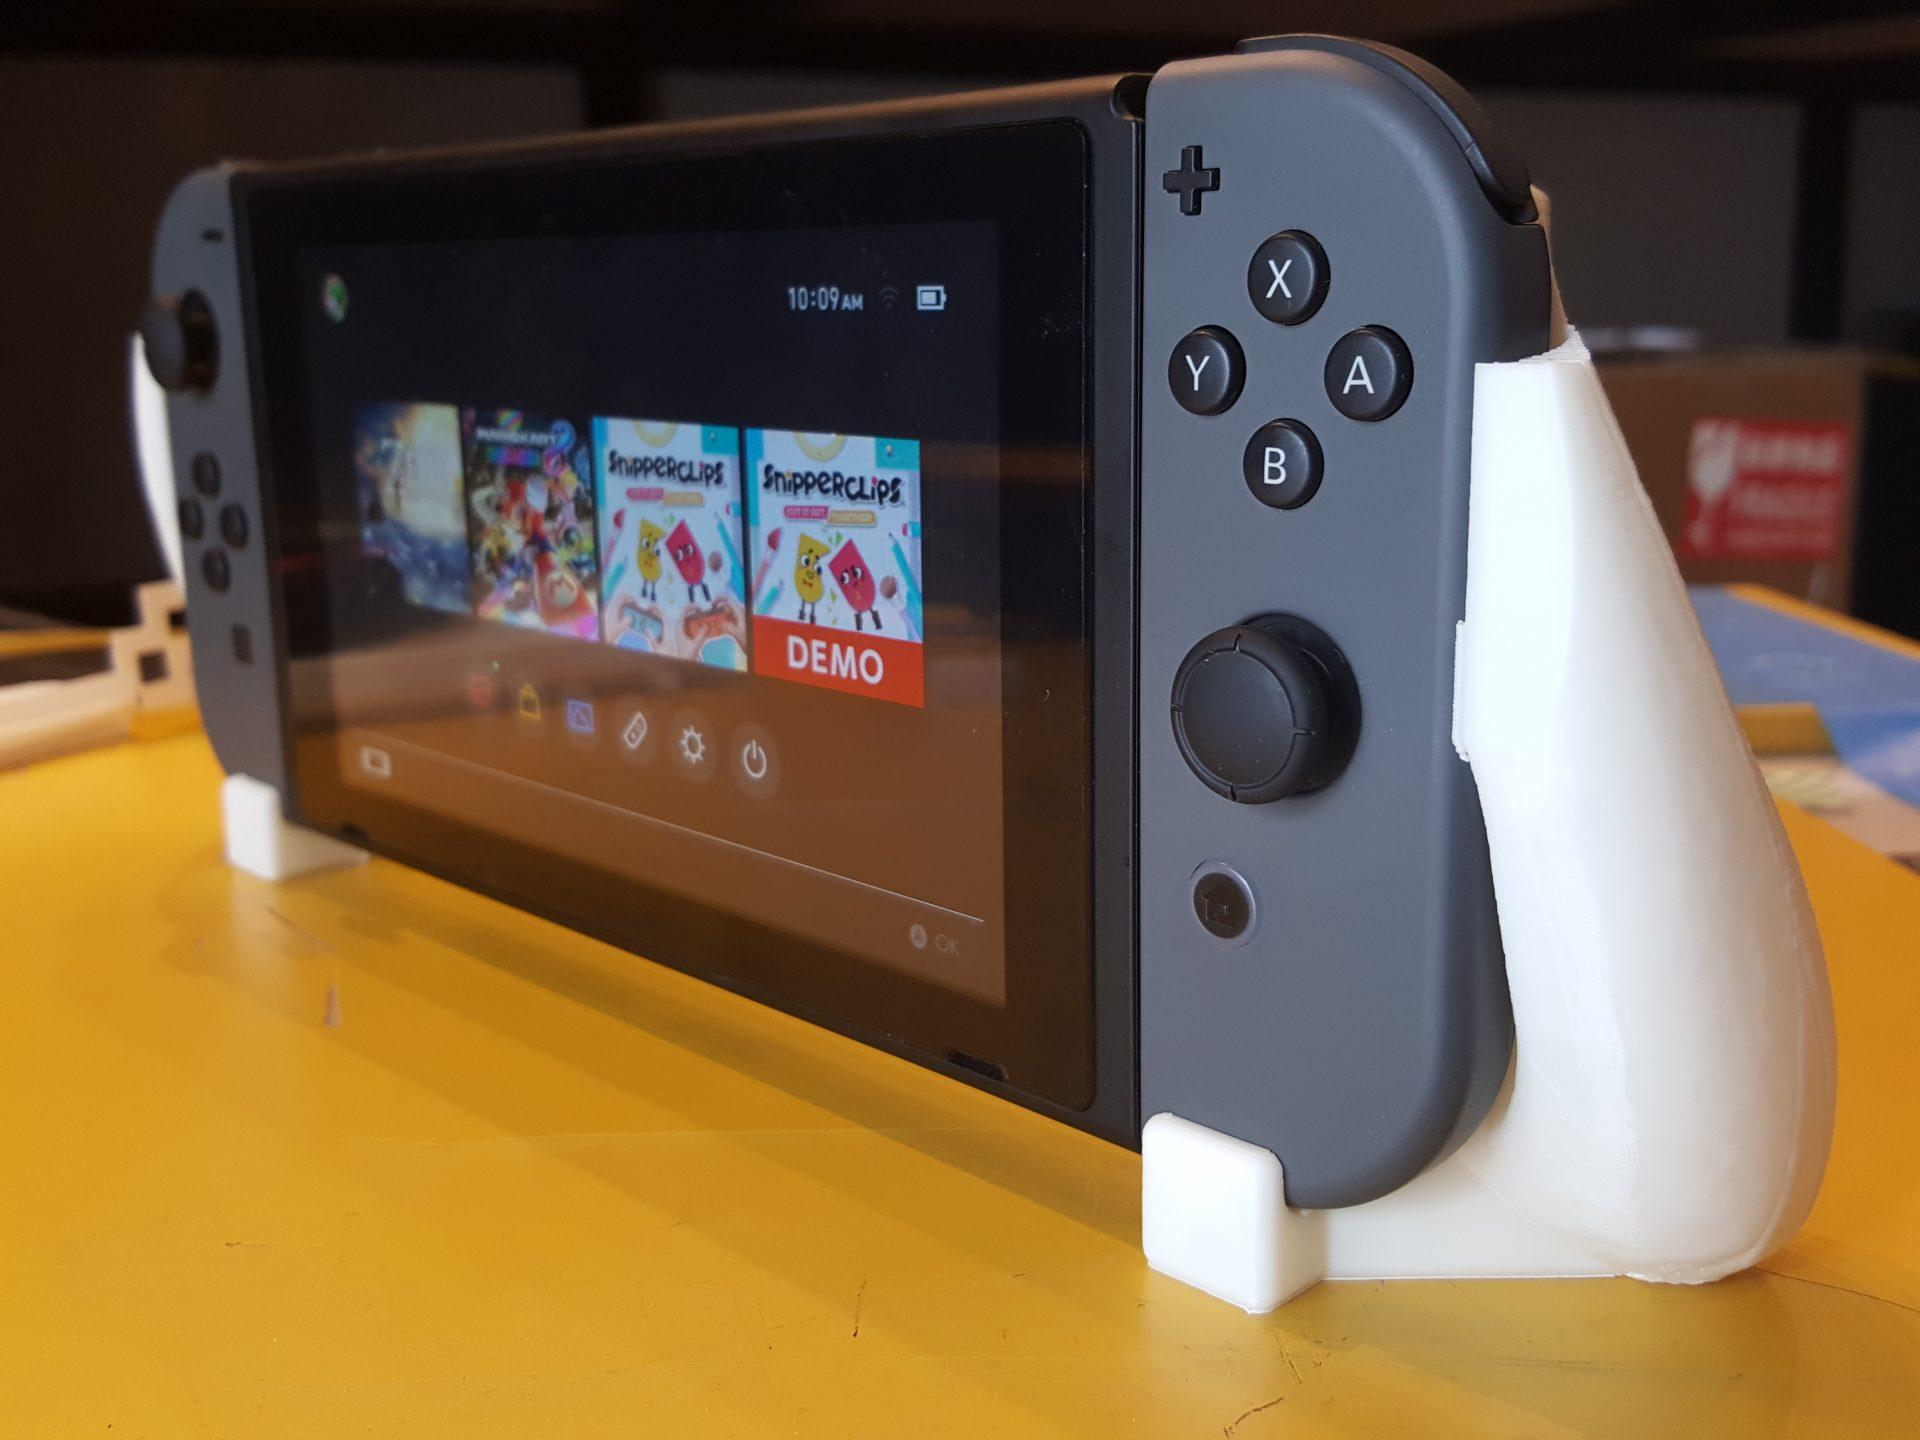 งานจาก FF Guider2 พิมพ์ มือจับ Nintendo Switch ด้วย ABS